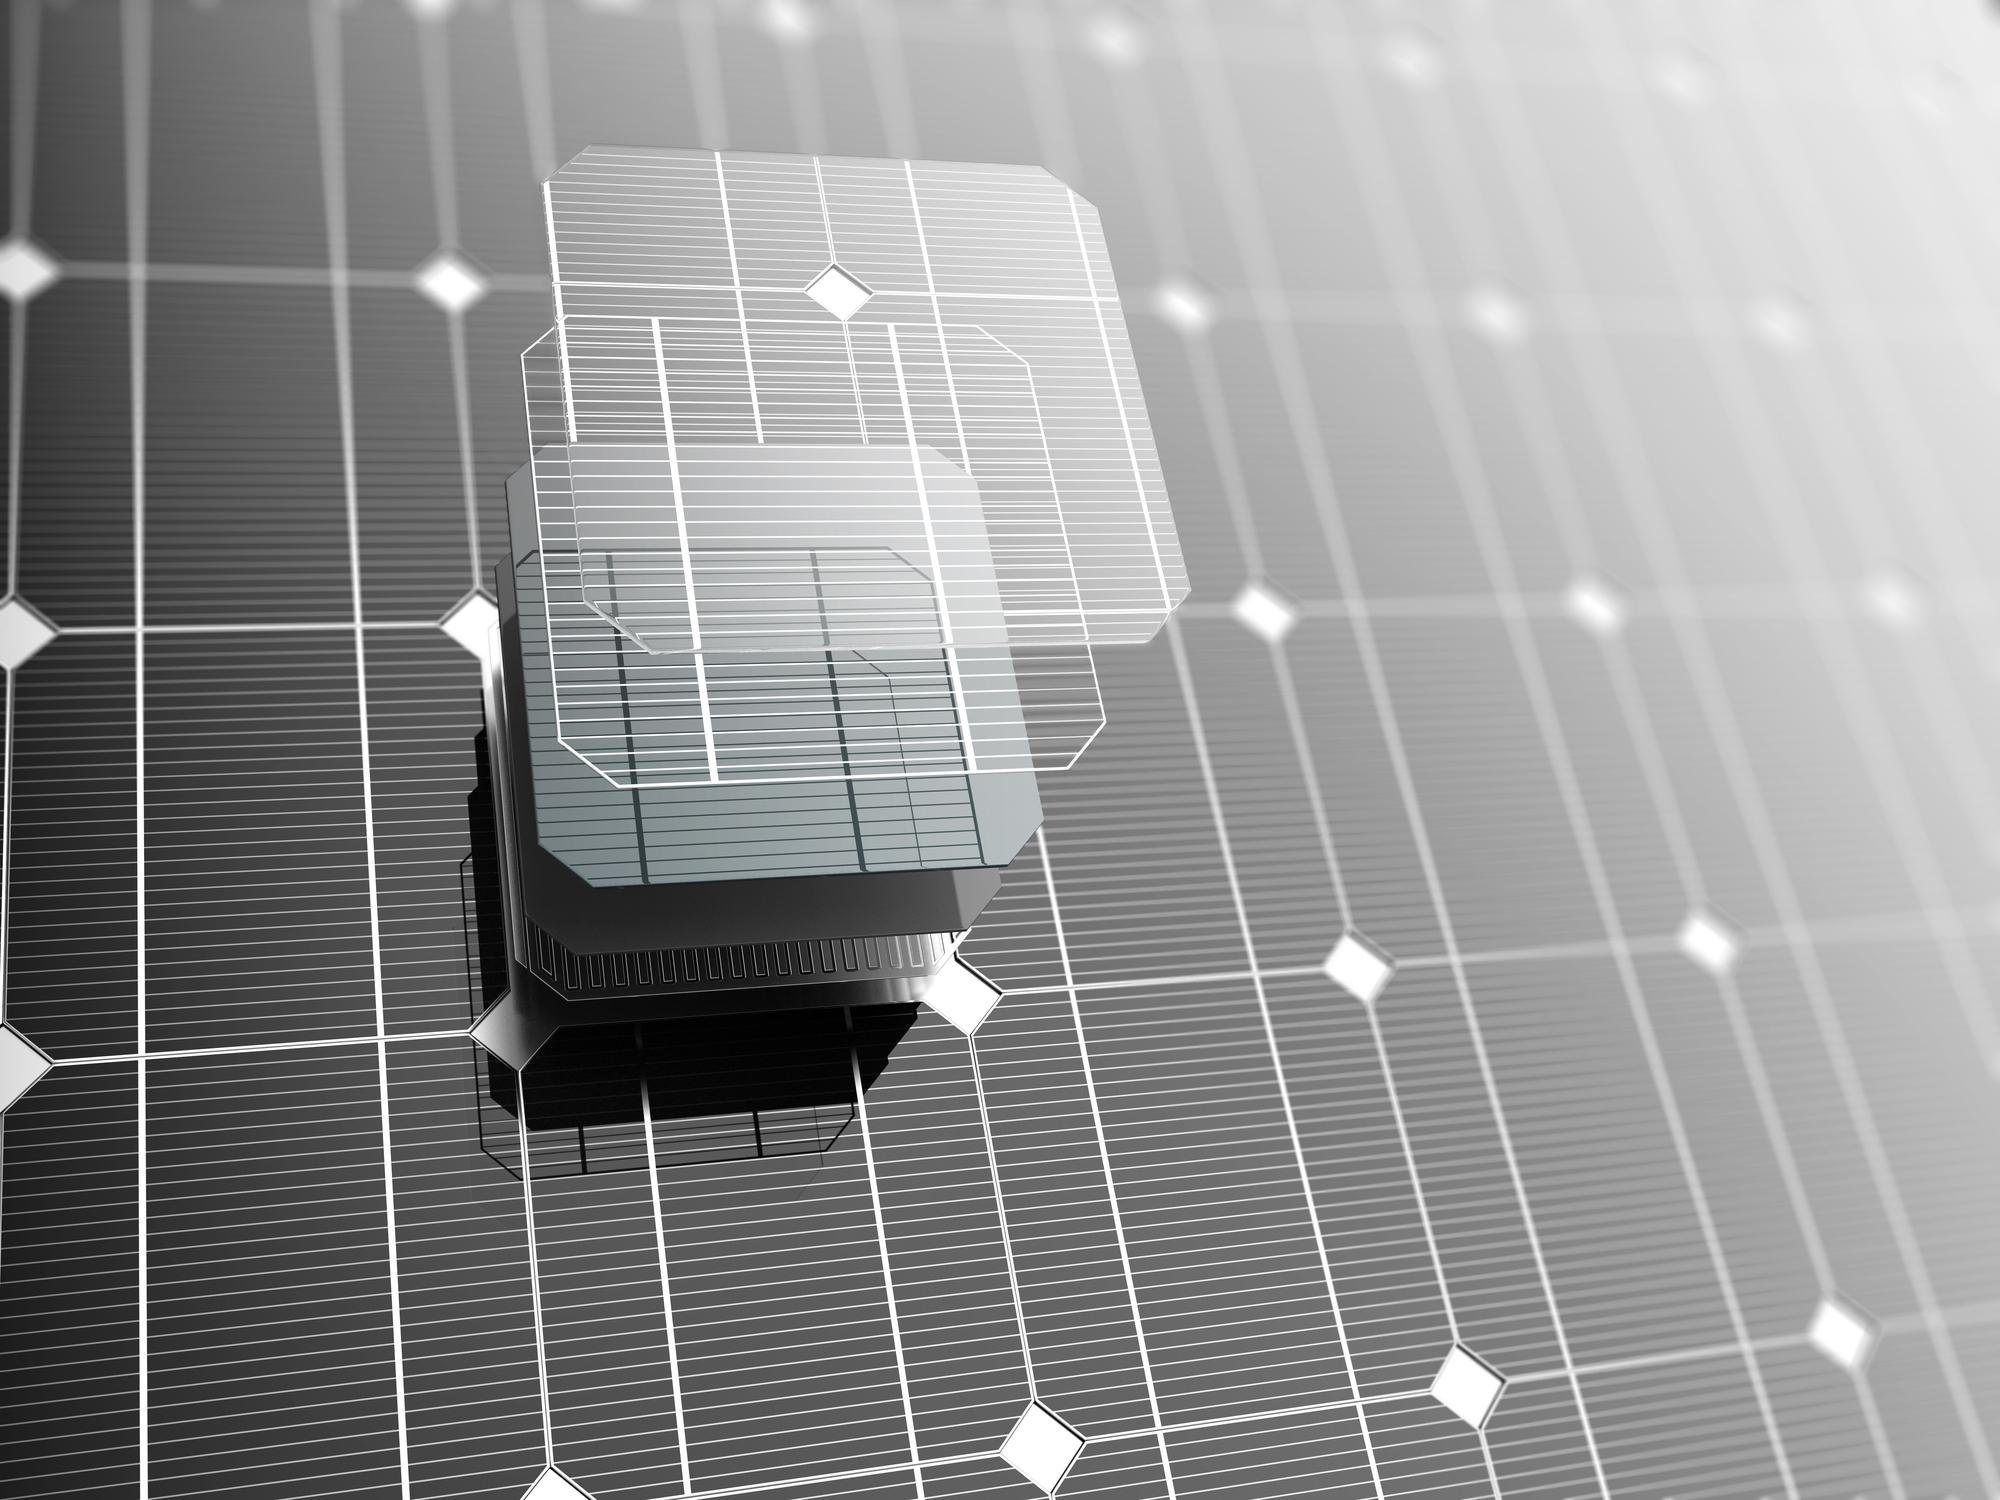 태양전지 사진 1 태양전지 셀 하나를 확대한 예 출처 GIB